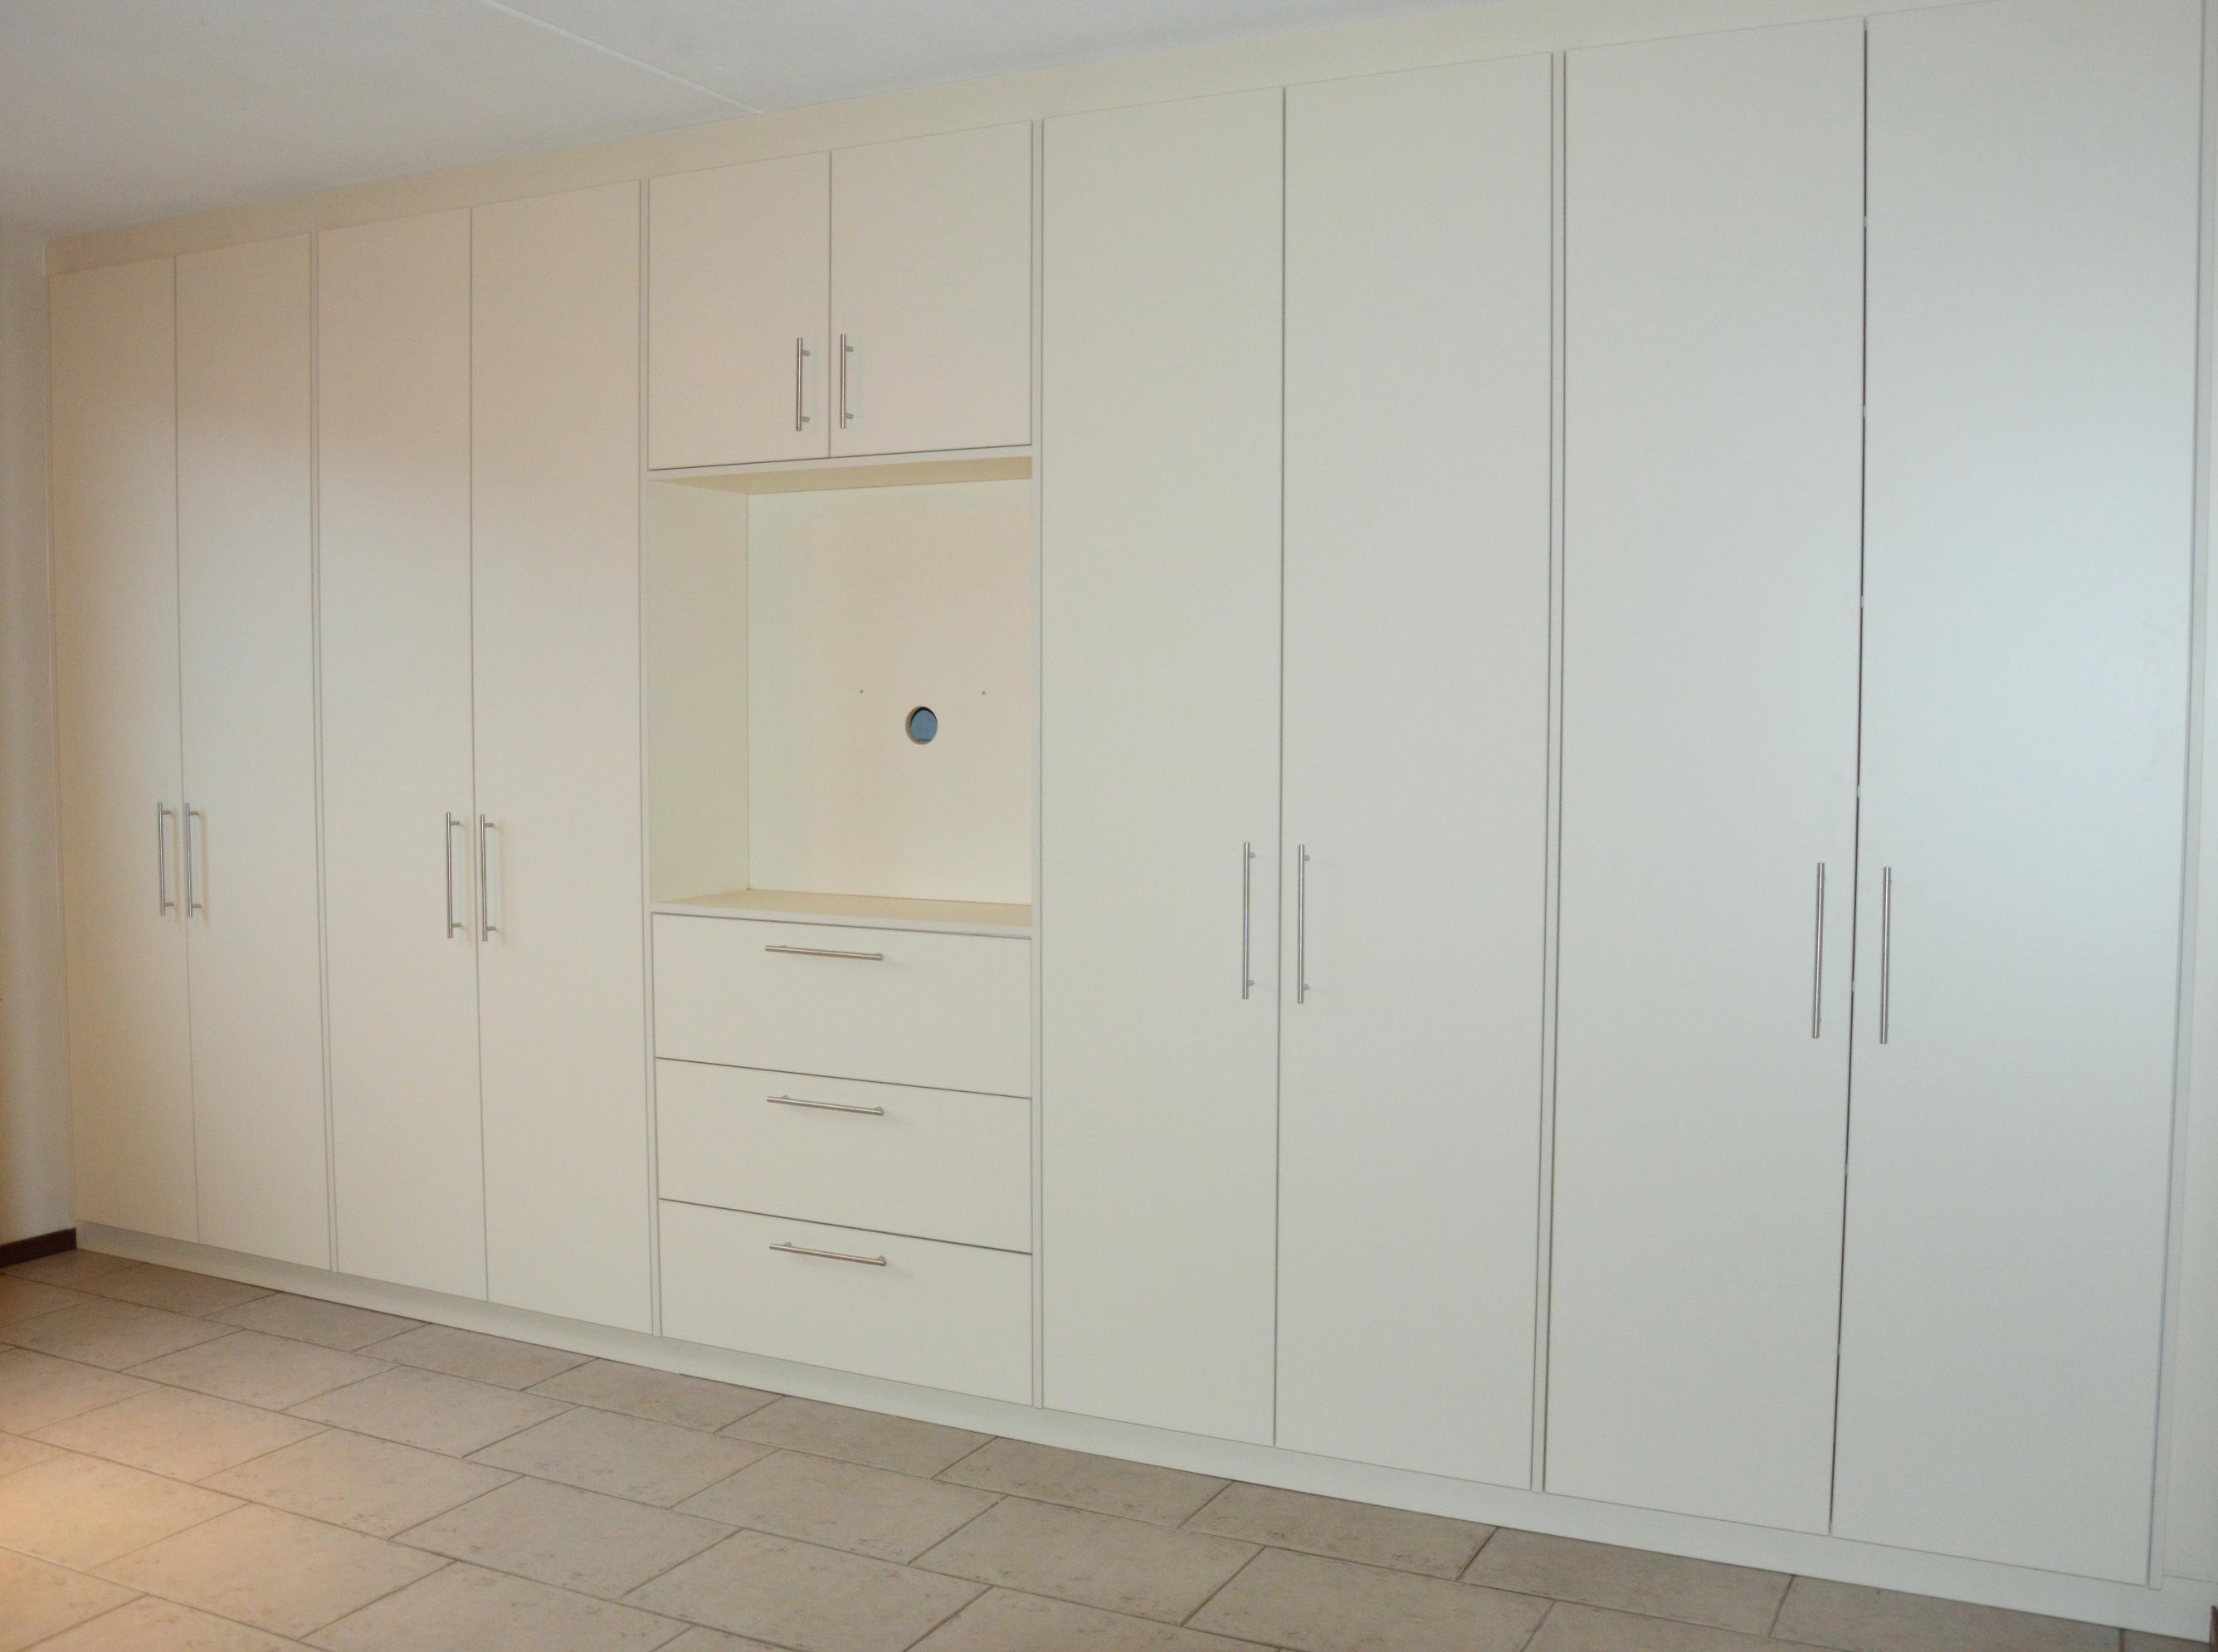 Keuken Kastenwand Met Nis : Beaut? de Prestige schoonheidssalon interieur